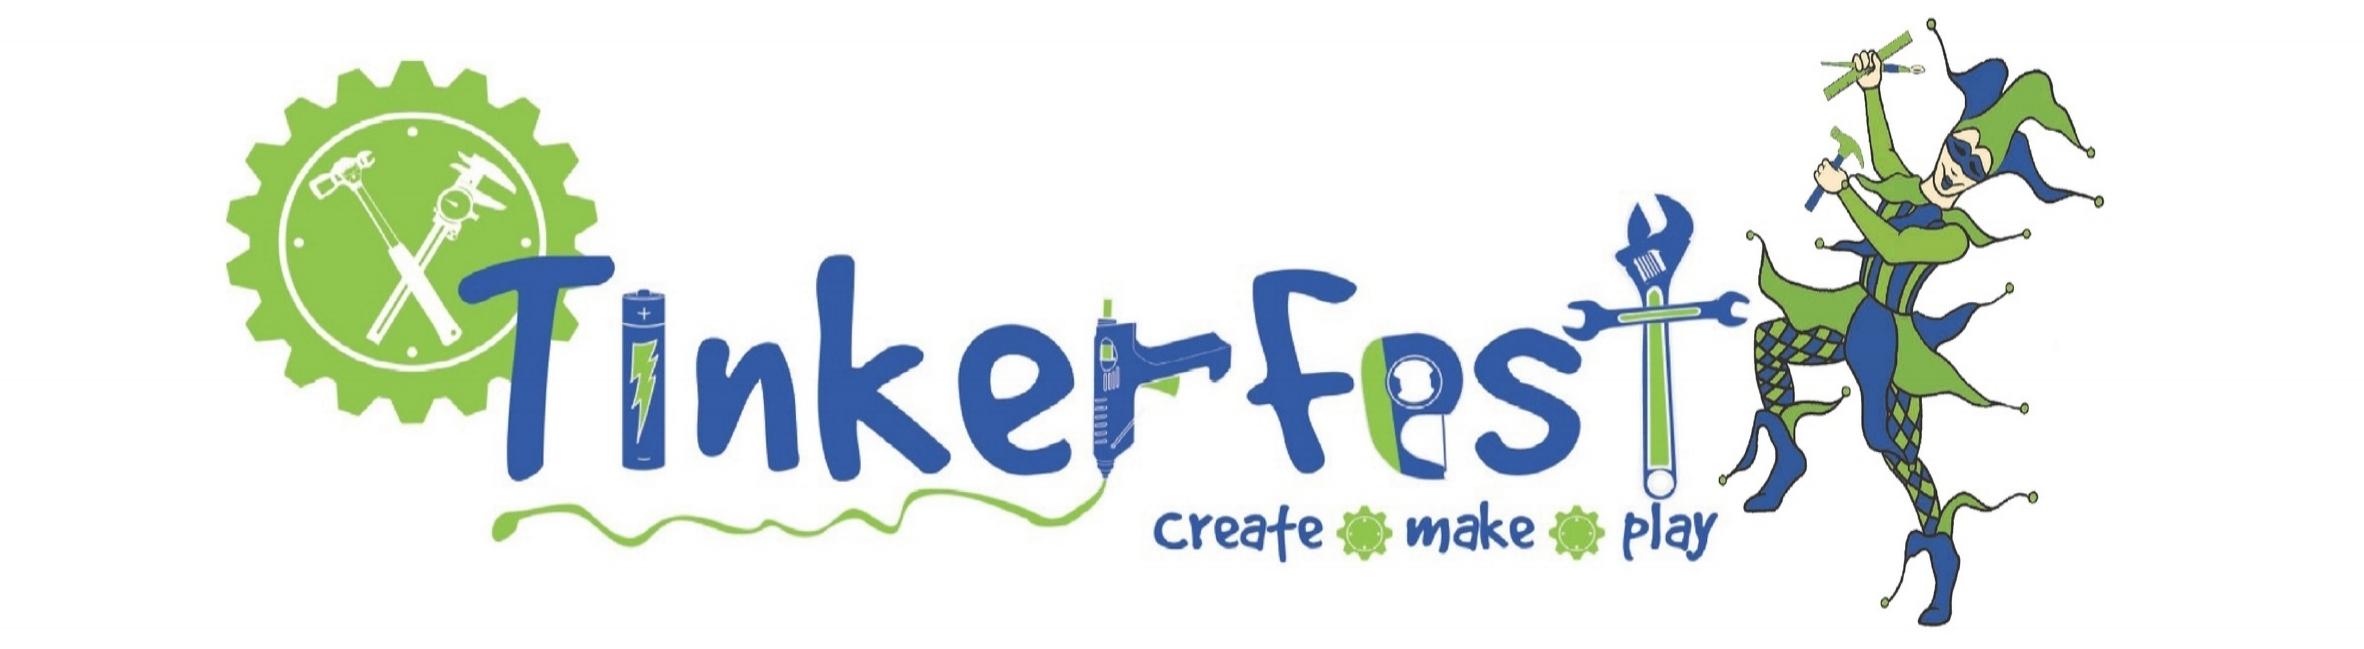 Tinkerfest_Theaterfest_logo.jpeg